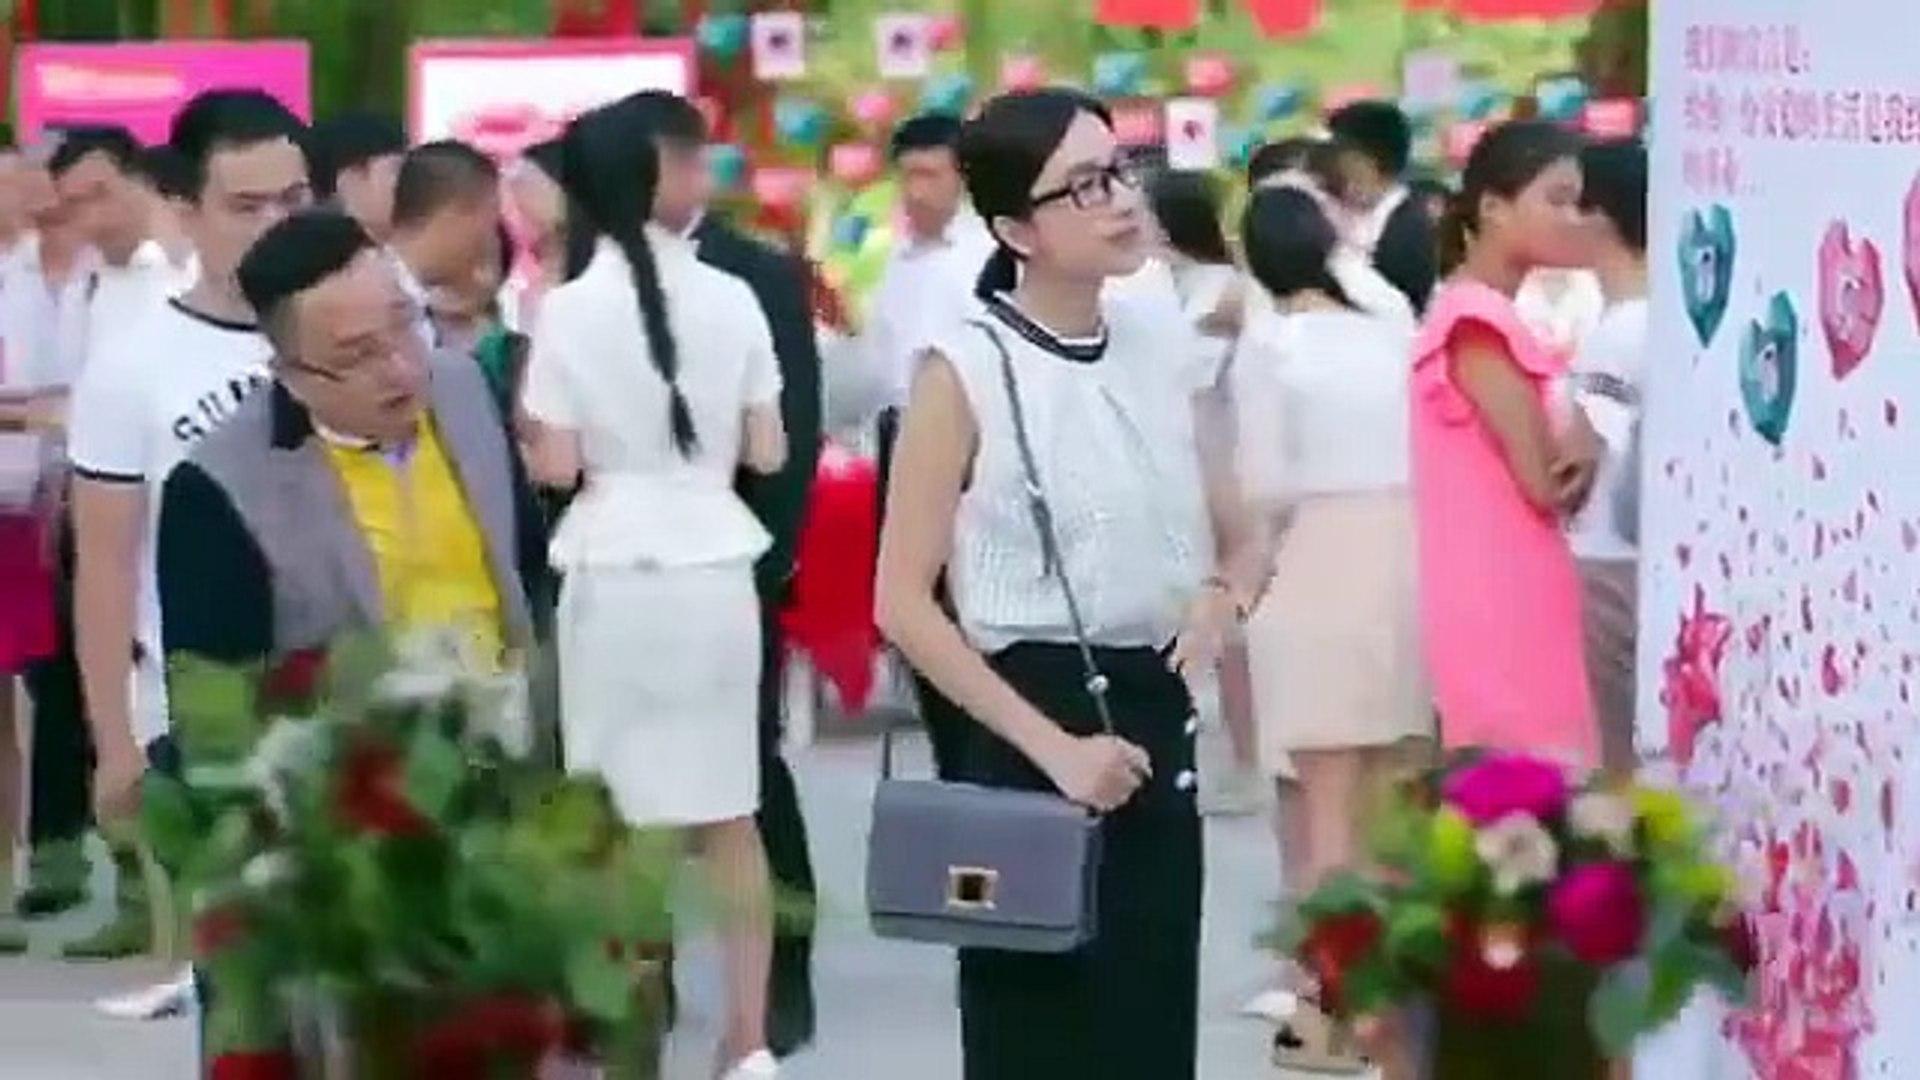 Phim Bà Mai Lắm Lời (Modern Matchmaker) 2017  Tập 1 Thuyết Minh | Phim Trung Quốc | Thể loại : Phim